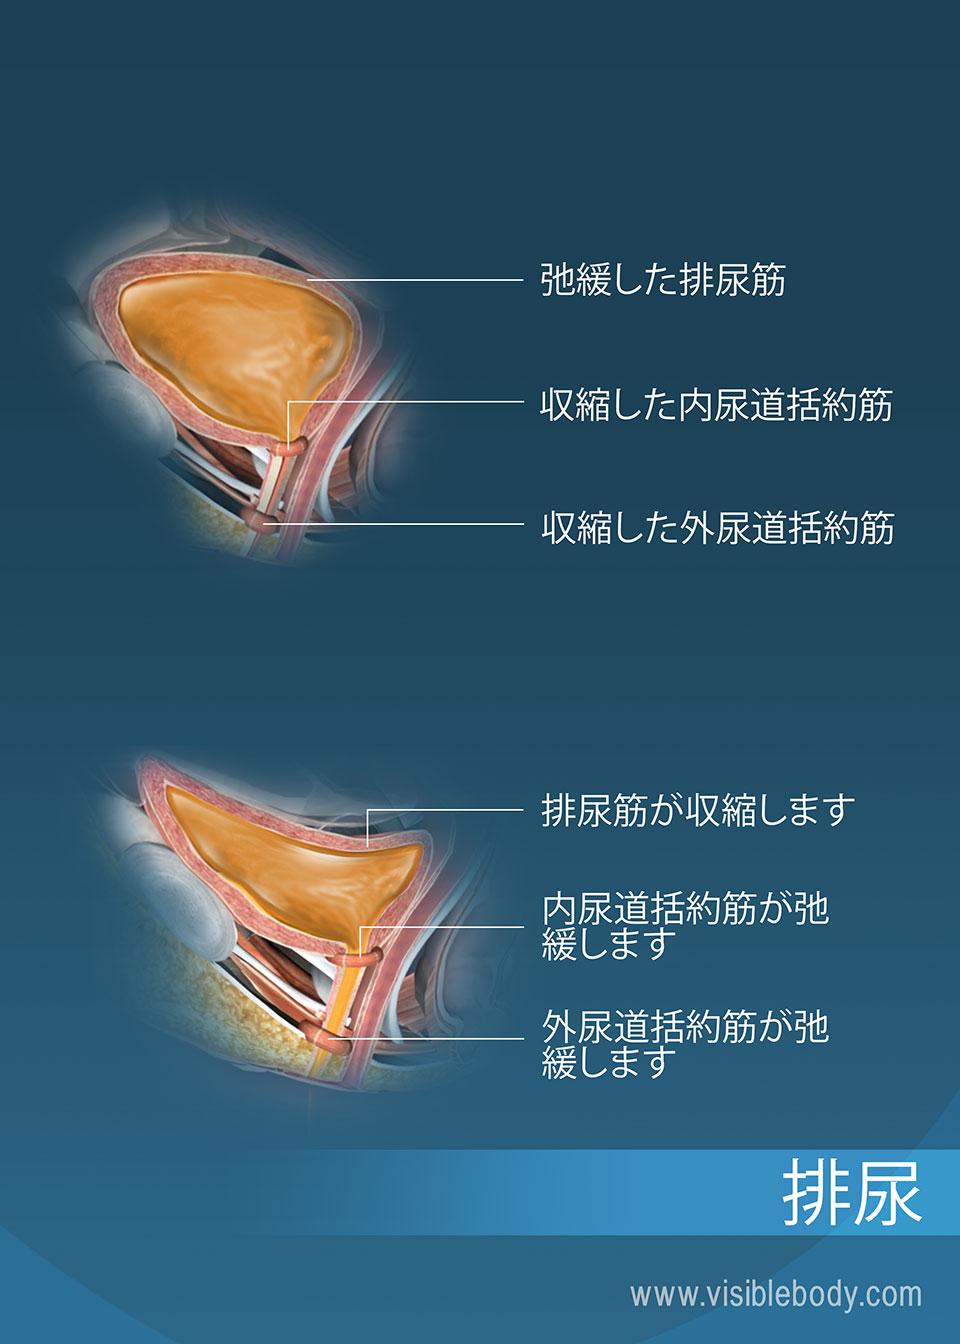 排尿過程を促進する尿道括約筋と排尿筋がある尿を貯蔵している膀胱(排尿の過程にある膀胱)